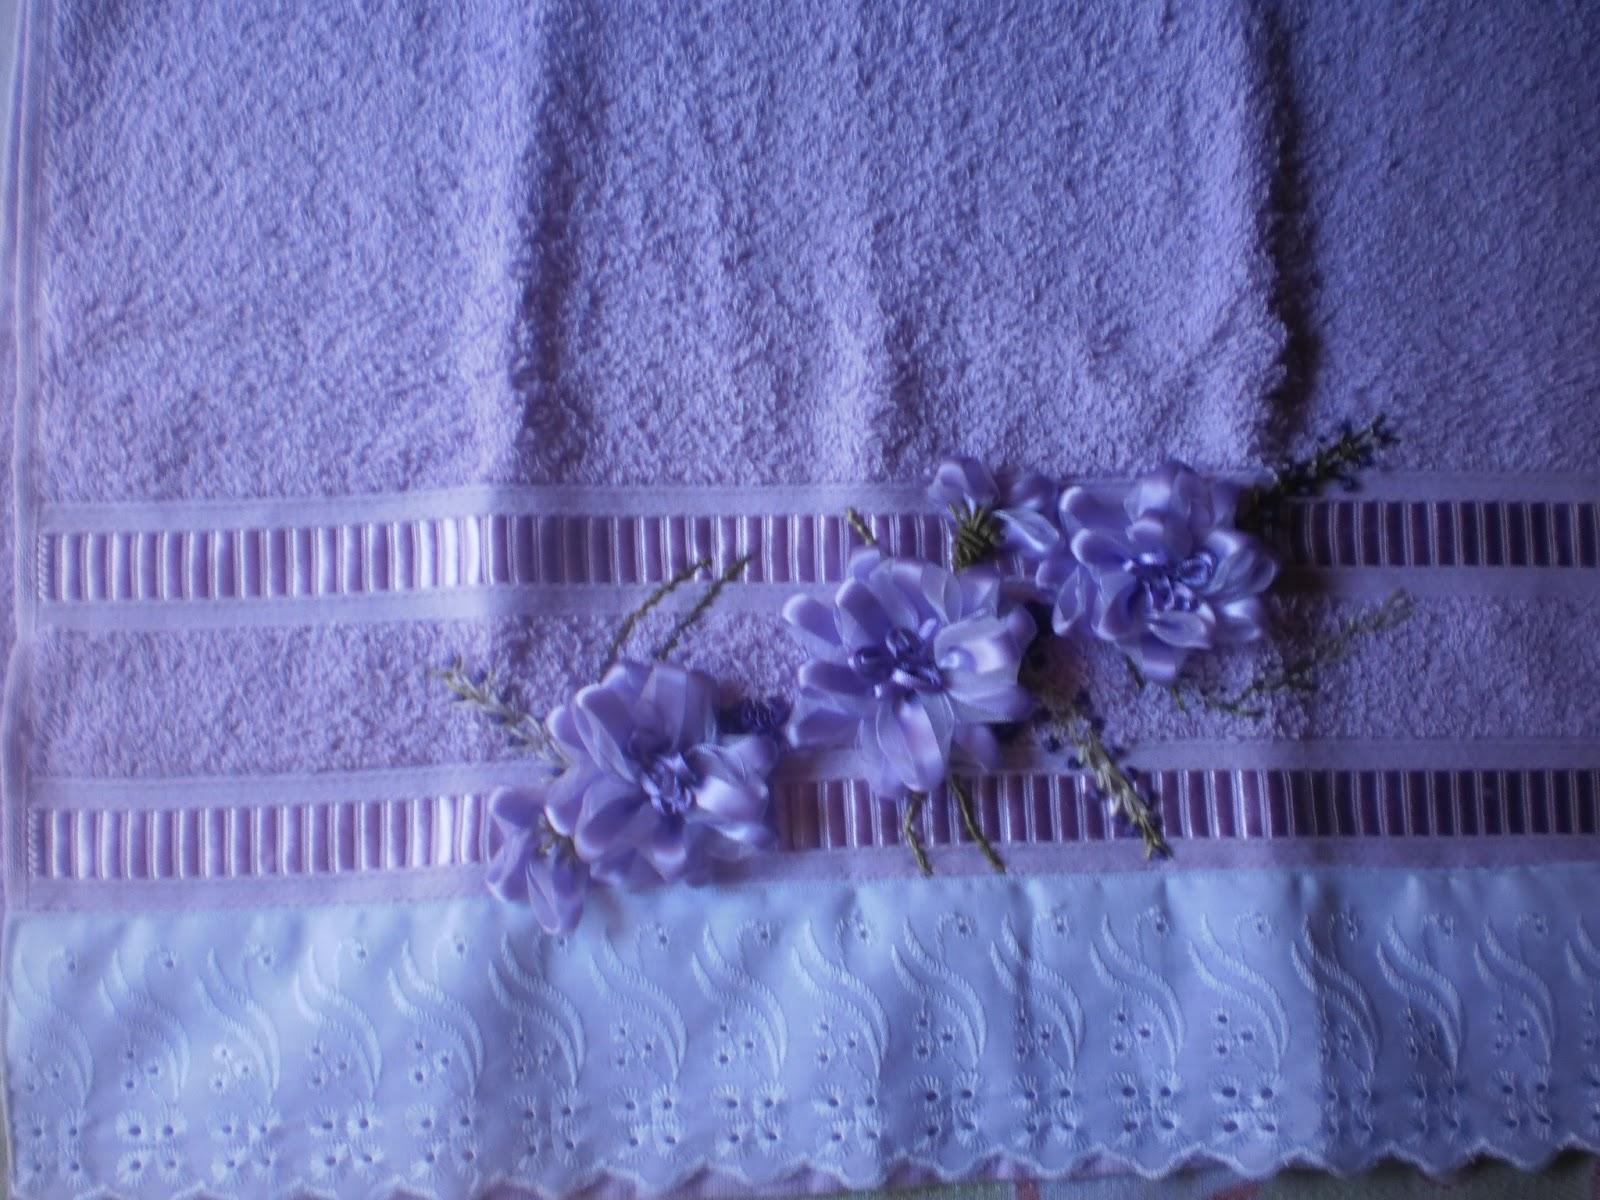 Arte Brasil Tapete Cinderela : VARIEDADES DO ARTESANATO: Toalhas bordadas flor de fita